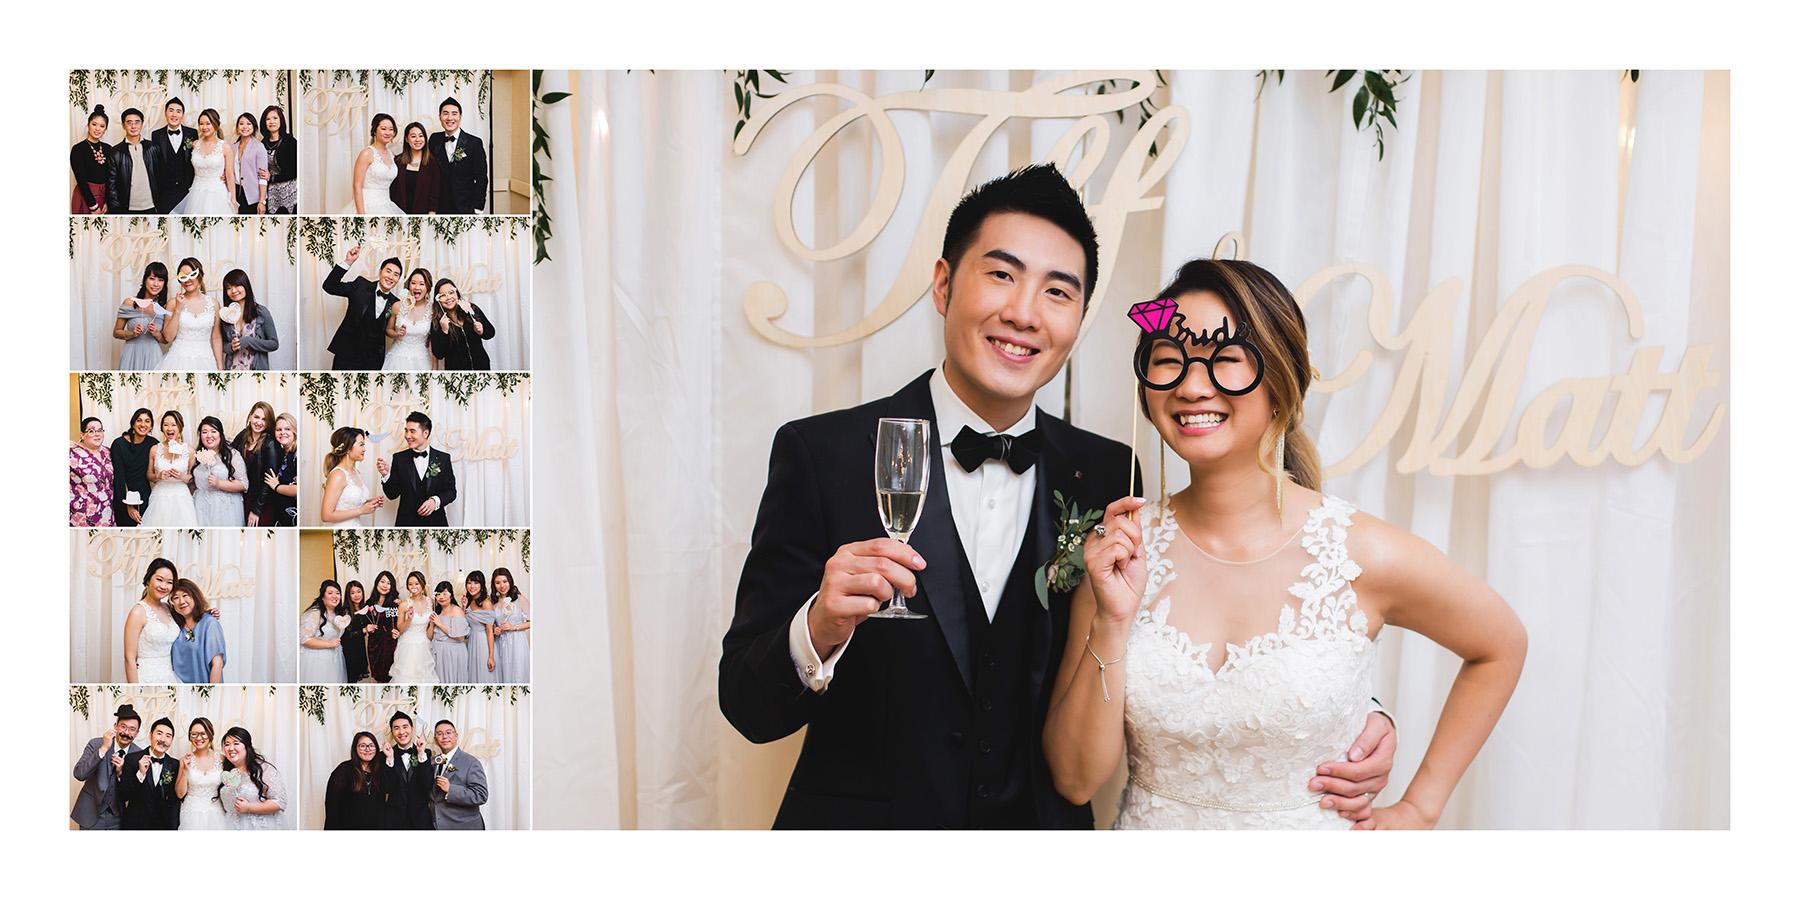 Tiffany_+_Matthew_-_Wedding_Album_14.jpg